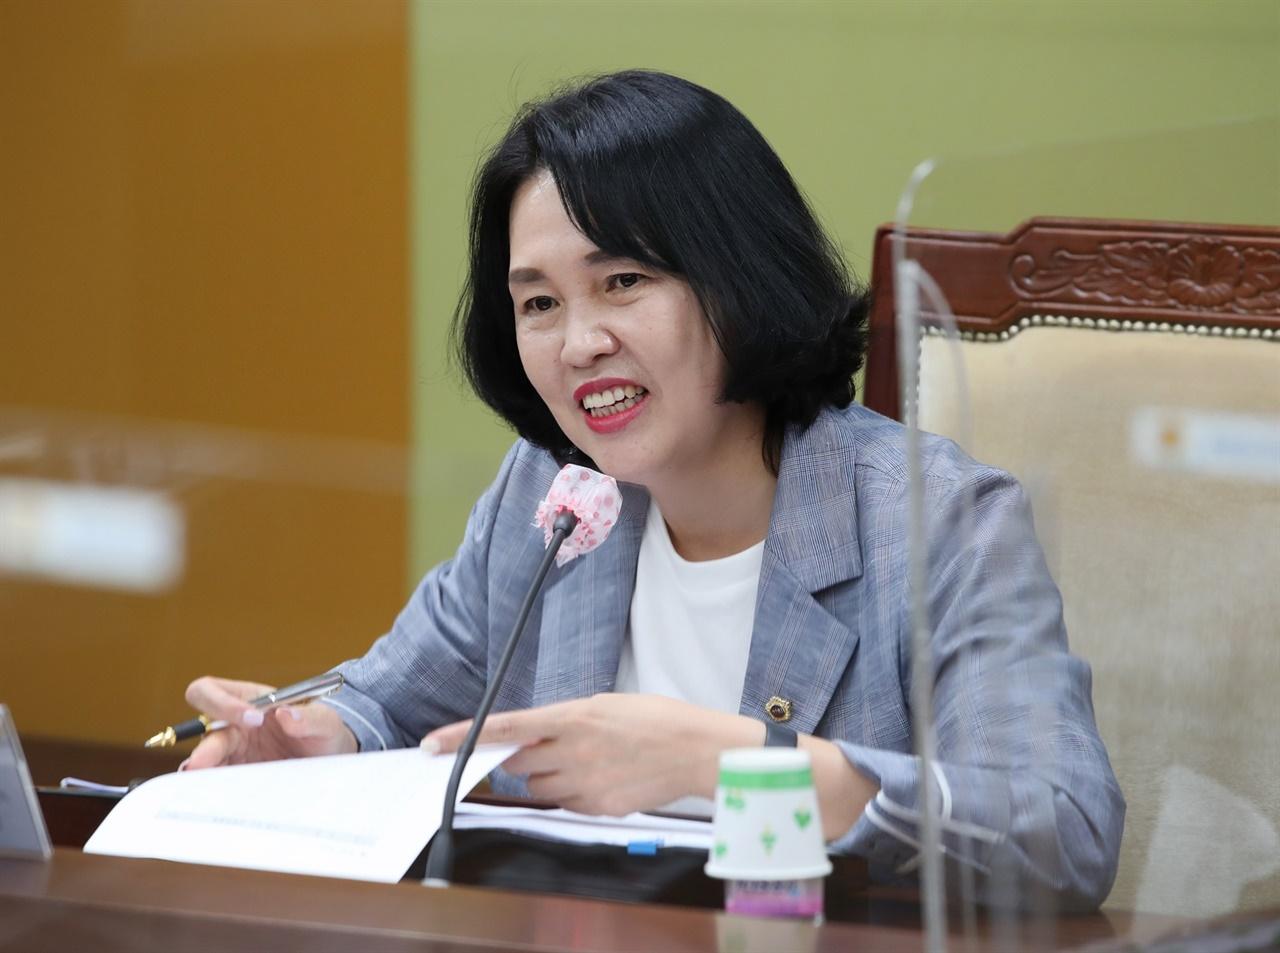 '충청남도교육청 조례 근로 용어 일괄정비 조례안'이 13일 통과됐다.